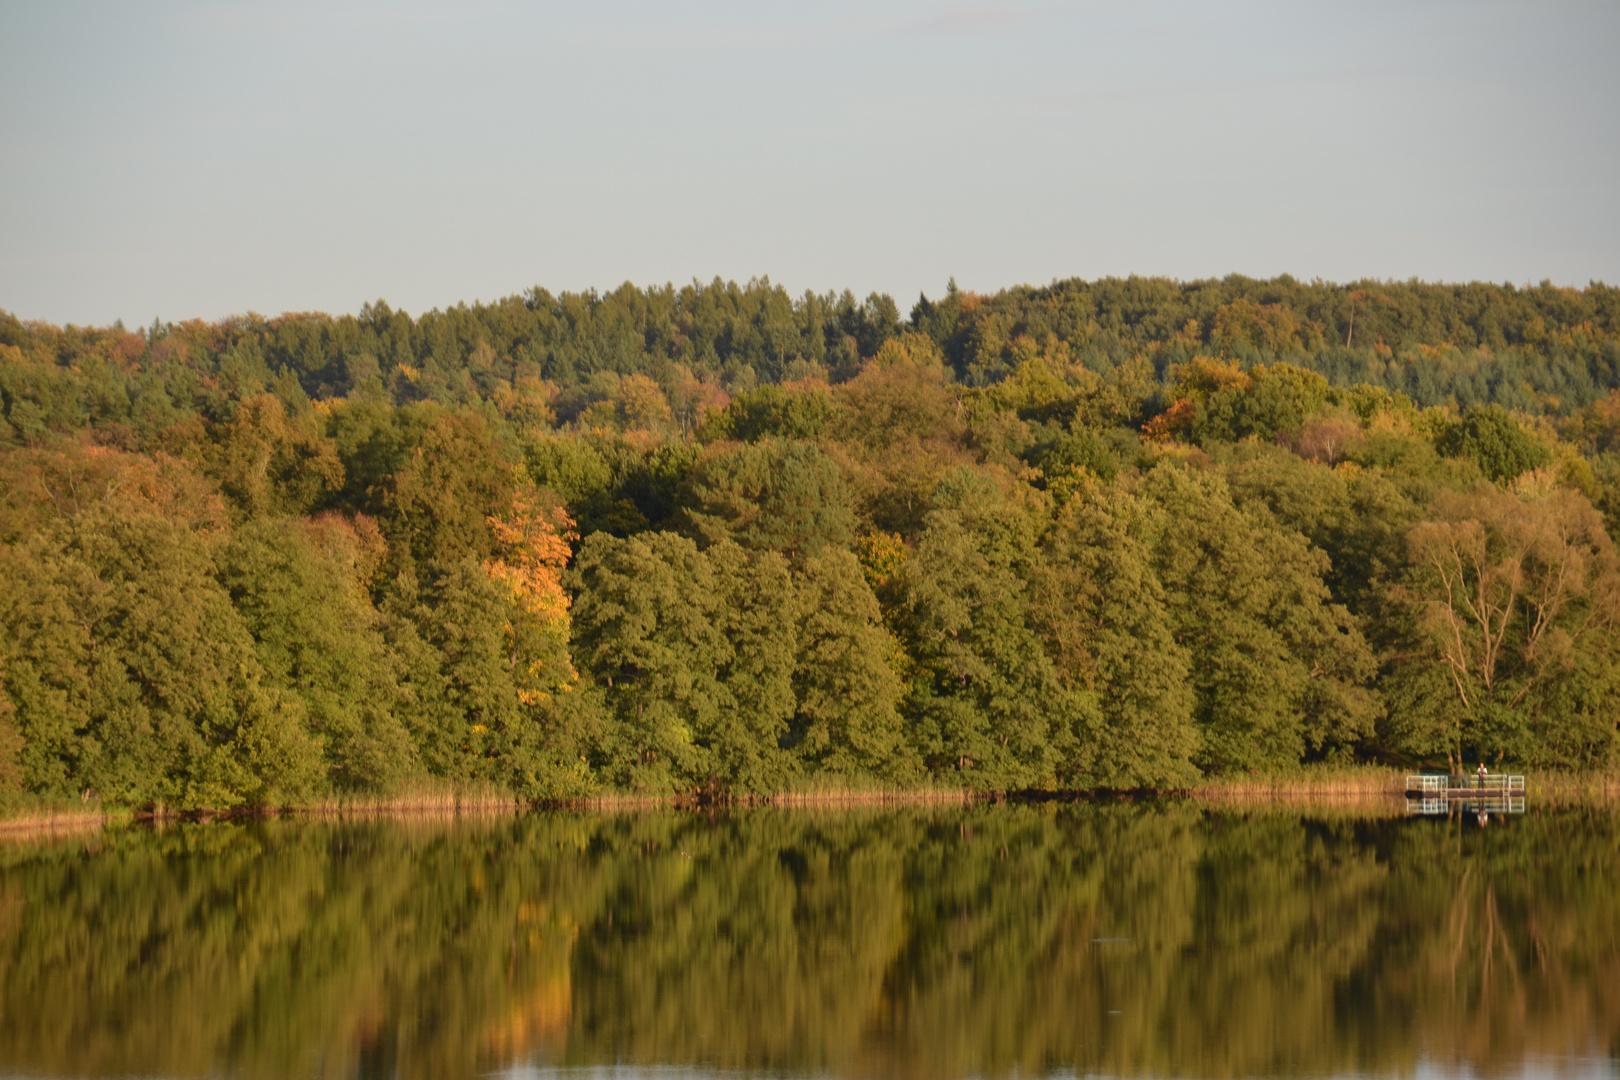 Schöner Herbst!